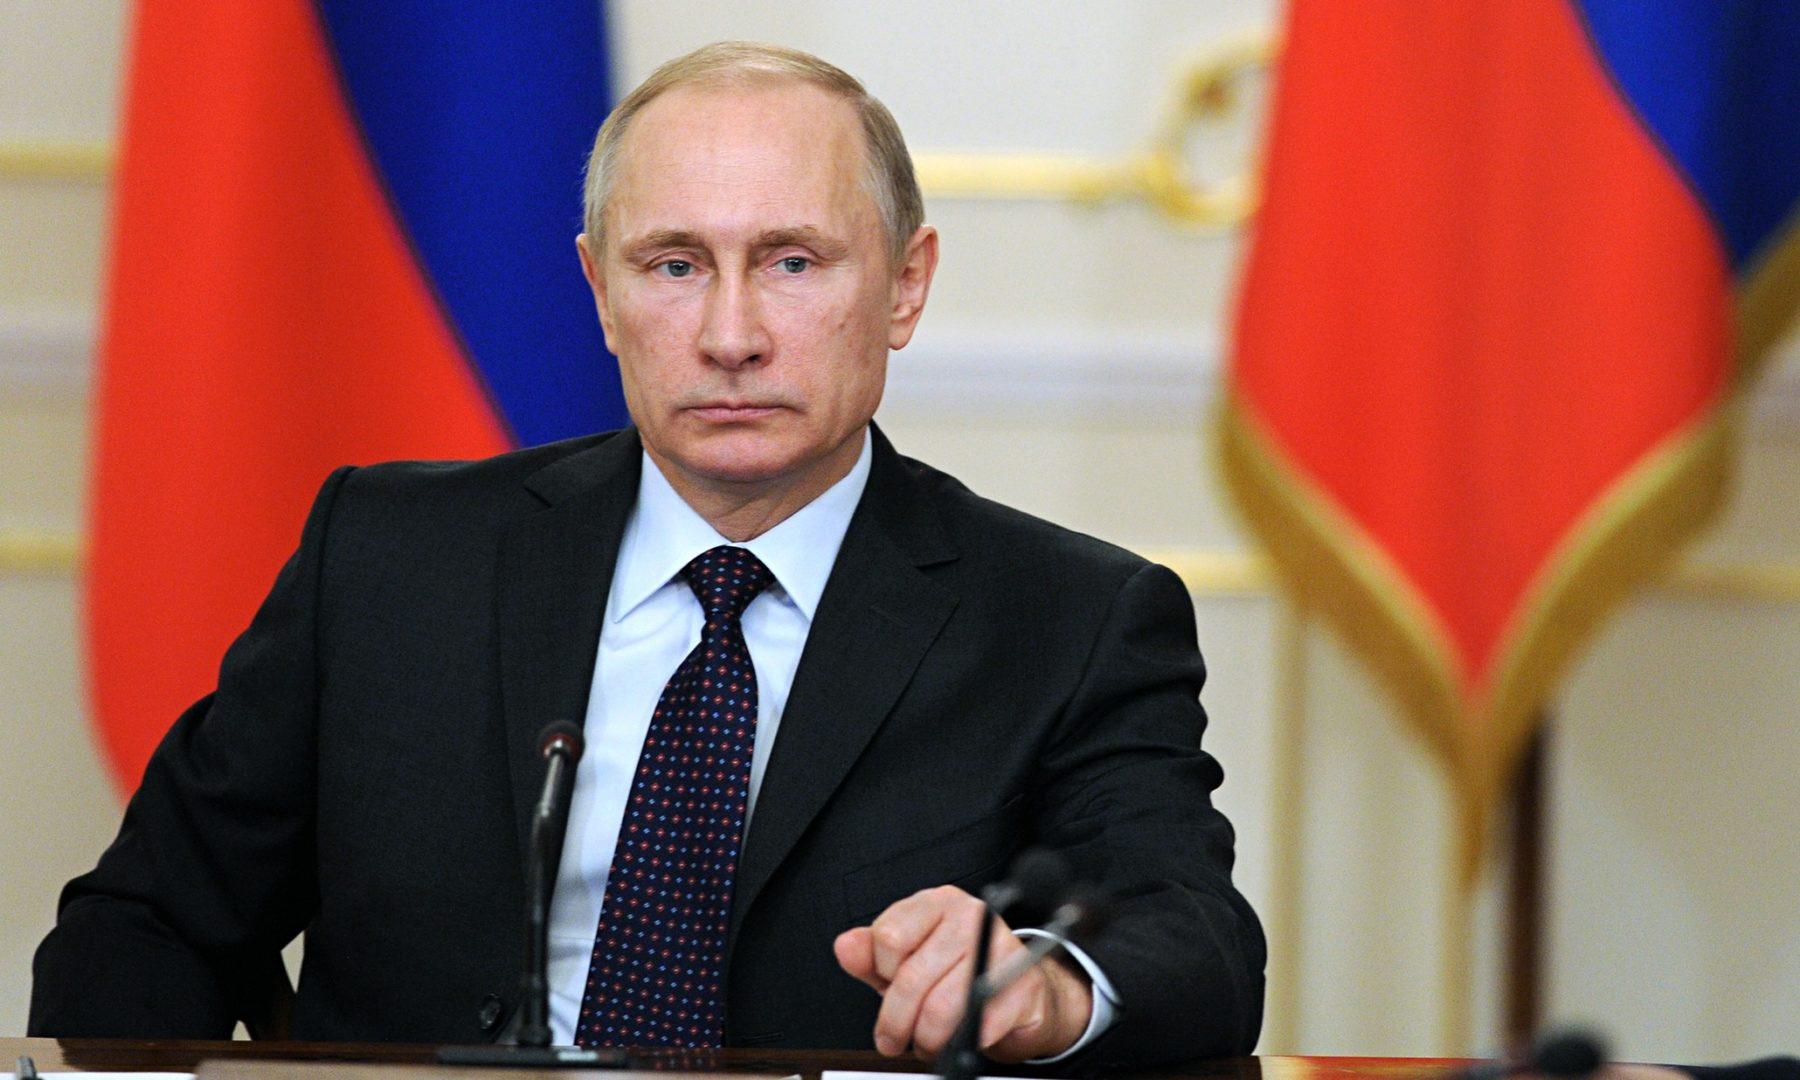 Το νέο παλάτι του Πούτιν θα σε κάνει να τα χάσεις